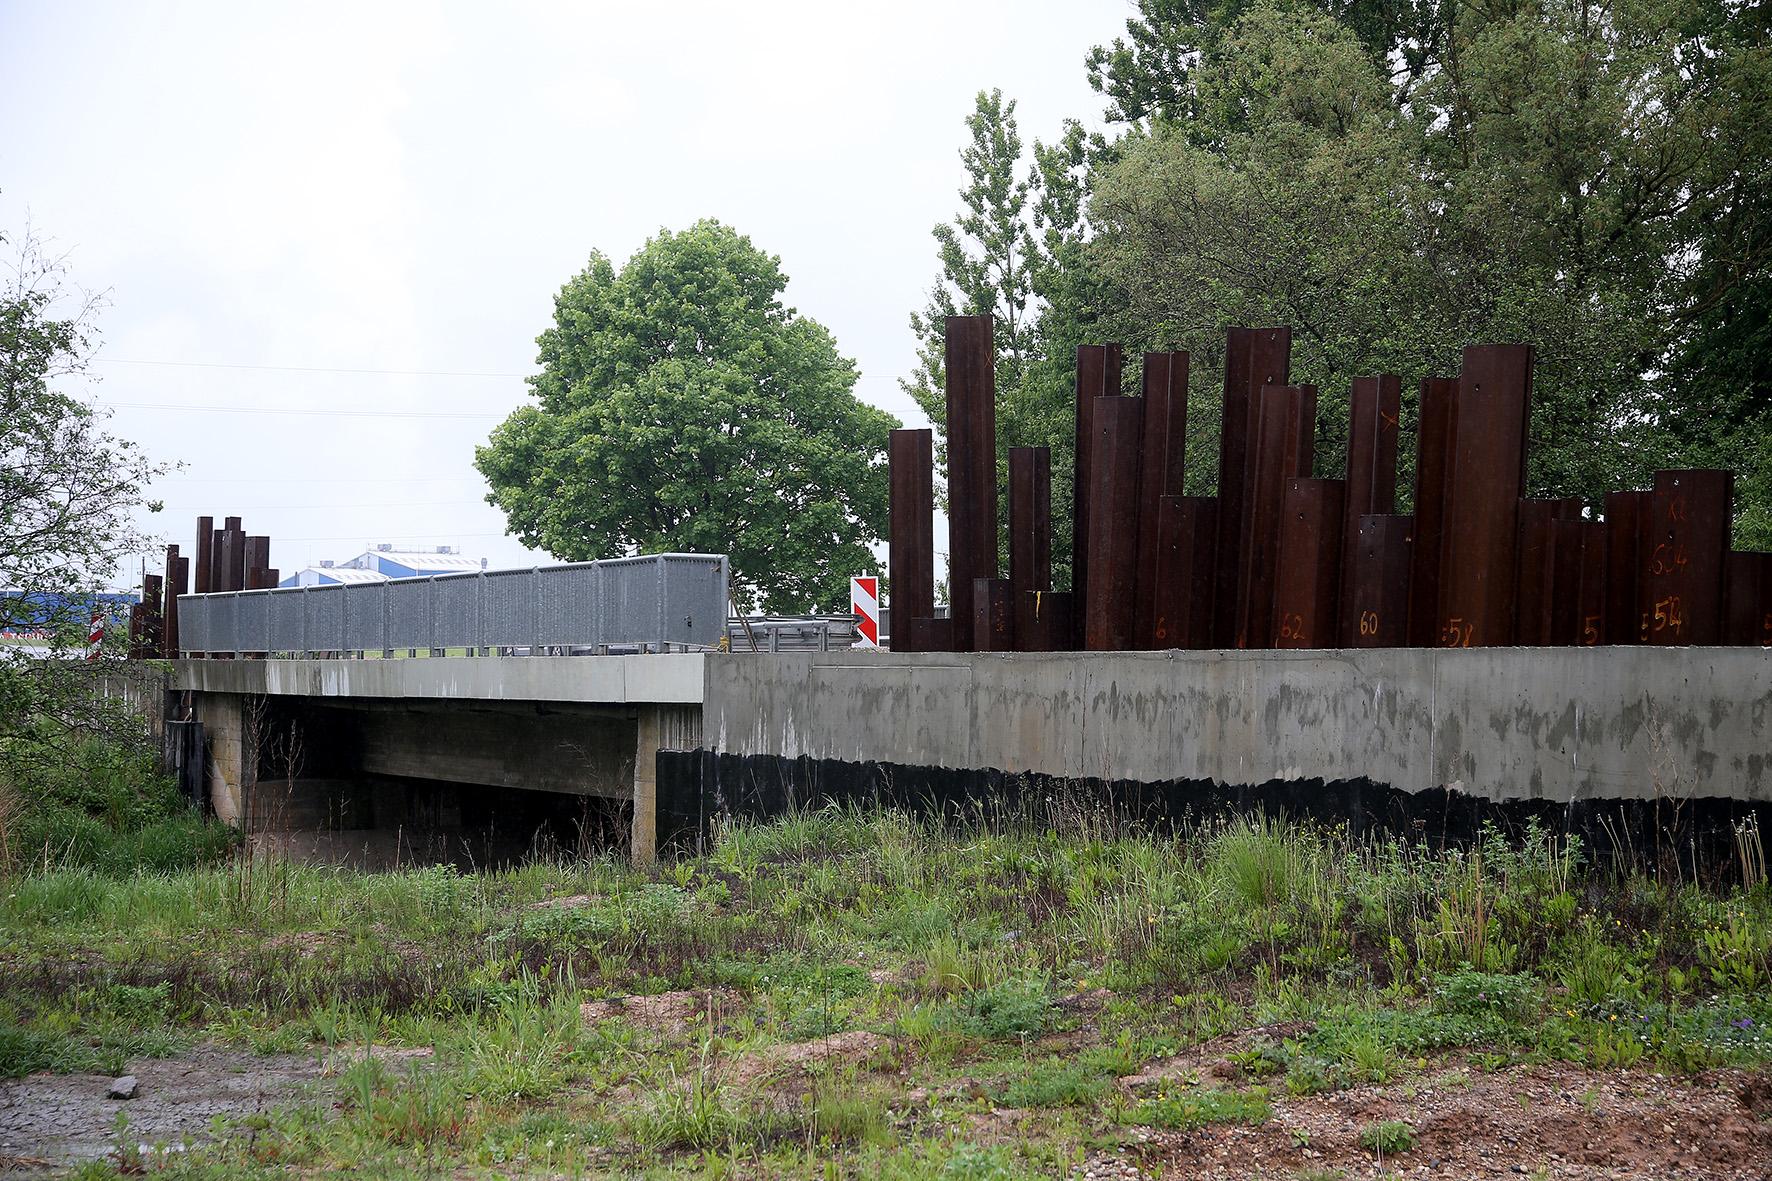 """""""Kauno apygardos teismas vertins, kaip vyko Dotnuvoje esančio amžiaus statyba pretenduojančio tapti tilto rekonstrukcija. STT agentai nustatė, kad konkursą laimėjusiai bendrovei neteisėtai techniką bei medžiagas davė jos vadovo tėvas – ilgametis valstybės įmonės """"Kauno regiono keliai"""" vadovas V. Lisauskas"""". A. Barzdžiaus nuotr."""